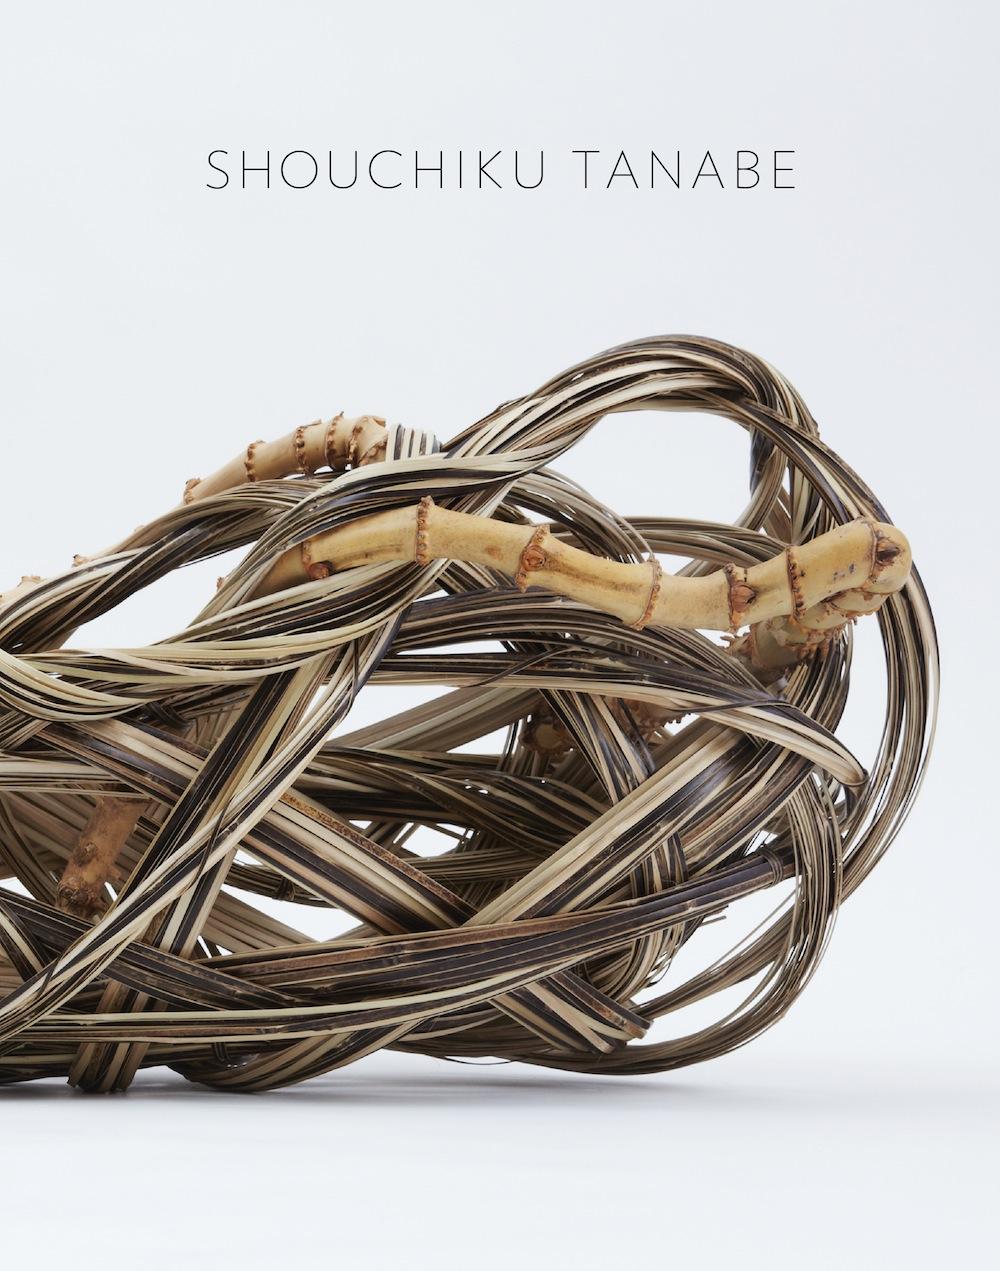 Shouchiku Tanabe